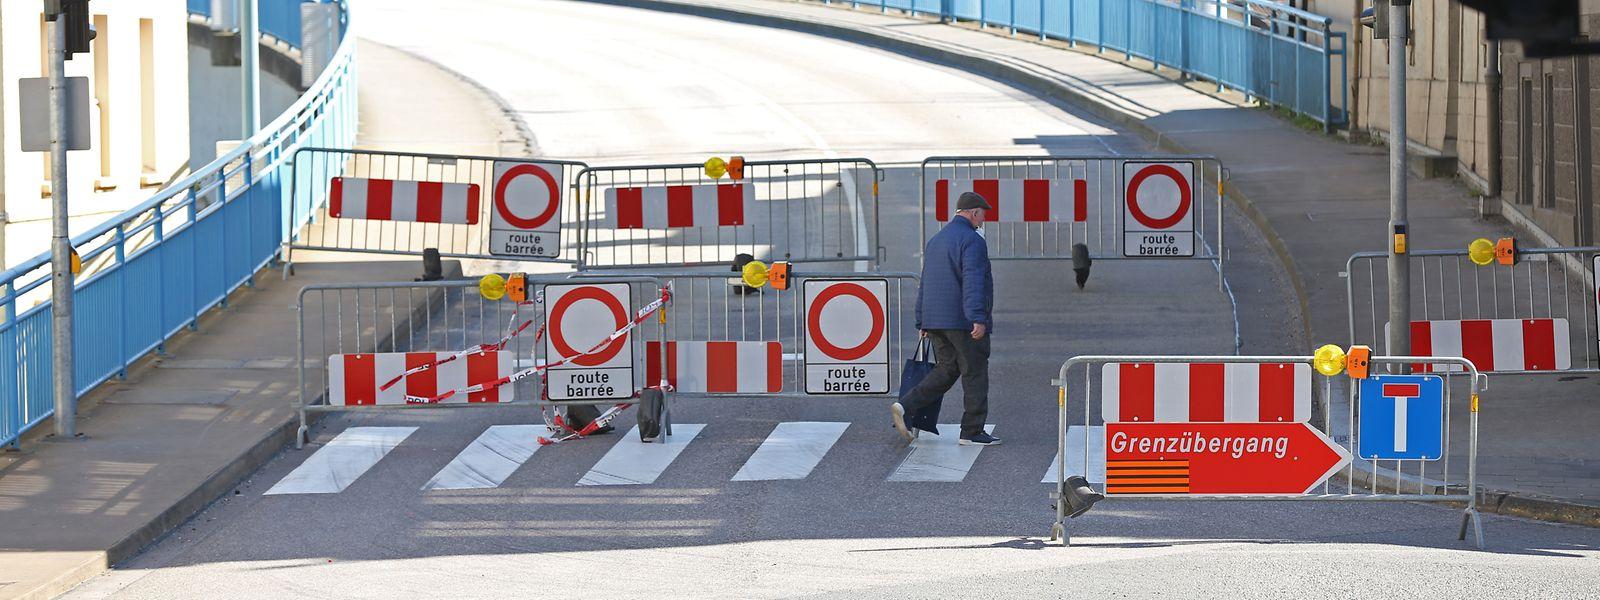 Der Grenzübergang bei Remich ist seit Ende März verbarrikadiert. Nun soll die Sperrung wieder aufgehoben werden.